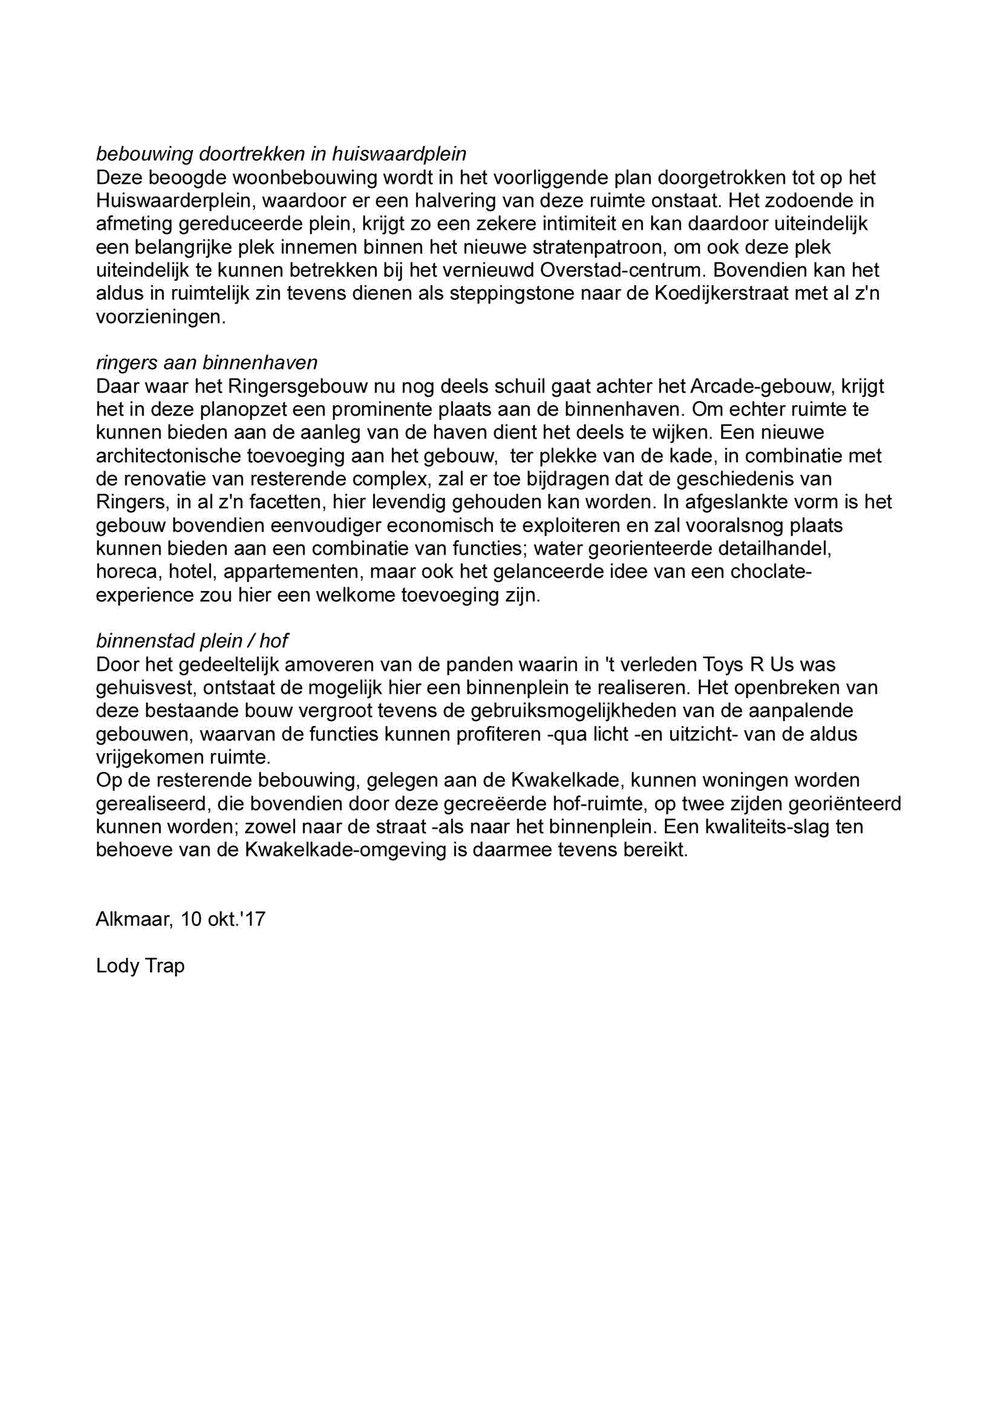 Herontwiikeling Overstad, nieuw Ruimtelijk kader (3).jpg